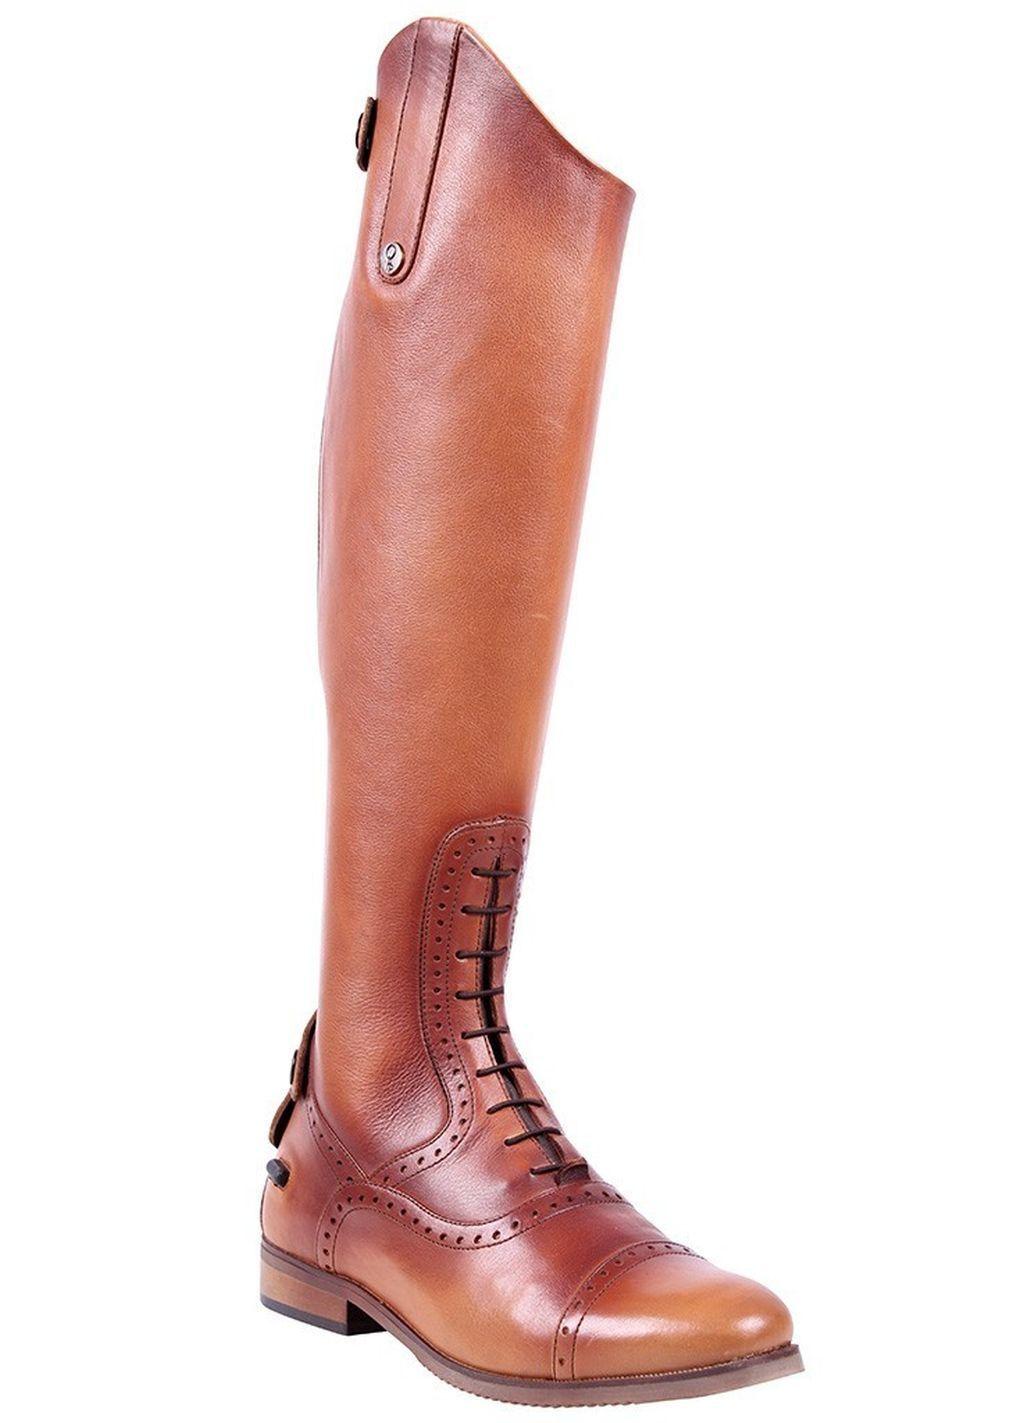 QHP Damen Luxus Leder-Reitstiefel Sophia weit cognac Größe 36 - 42